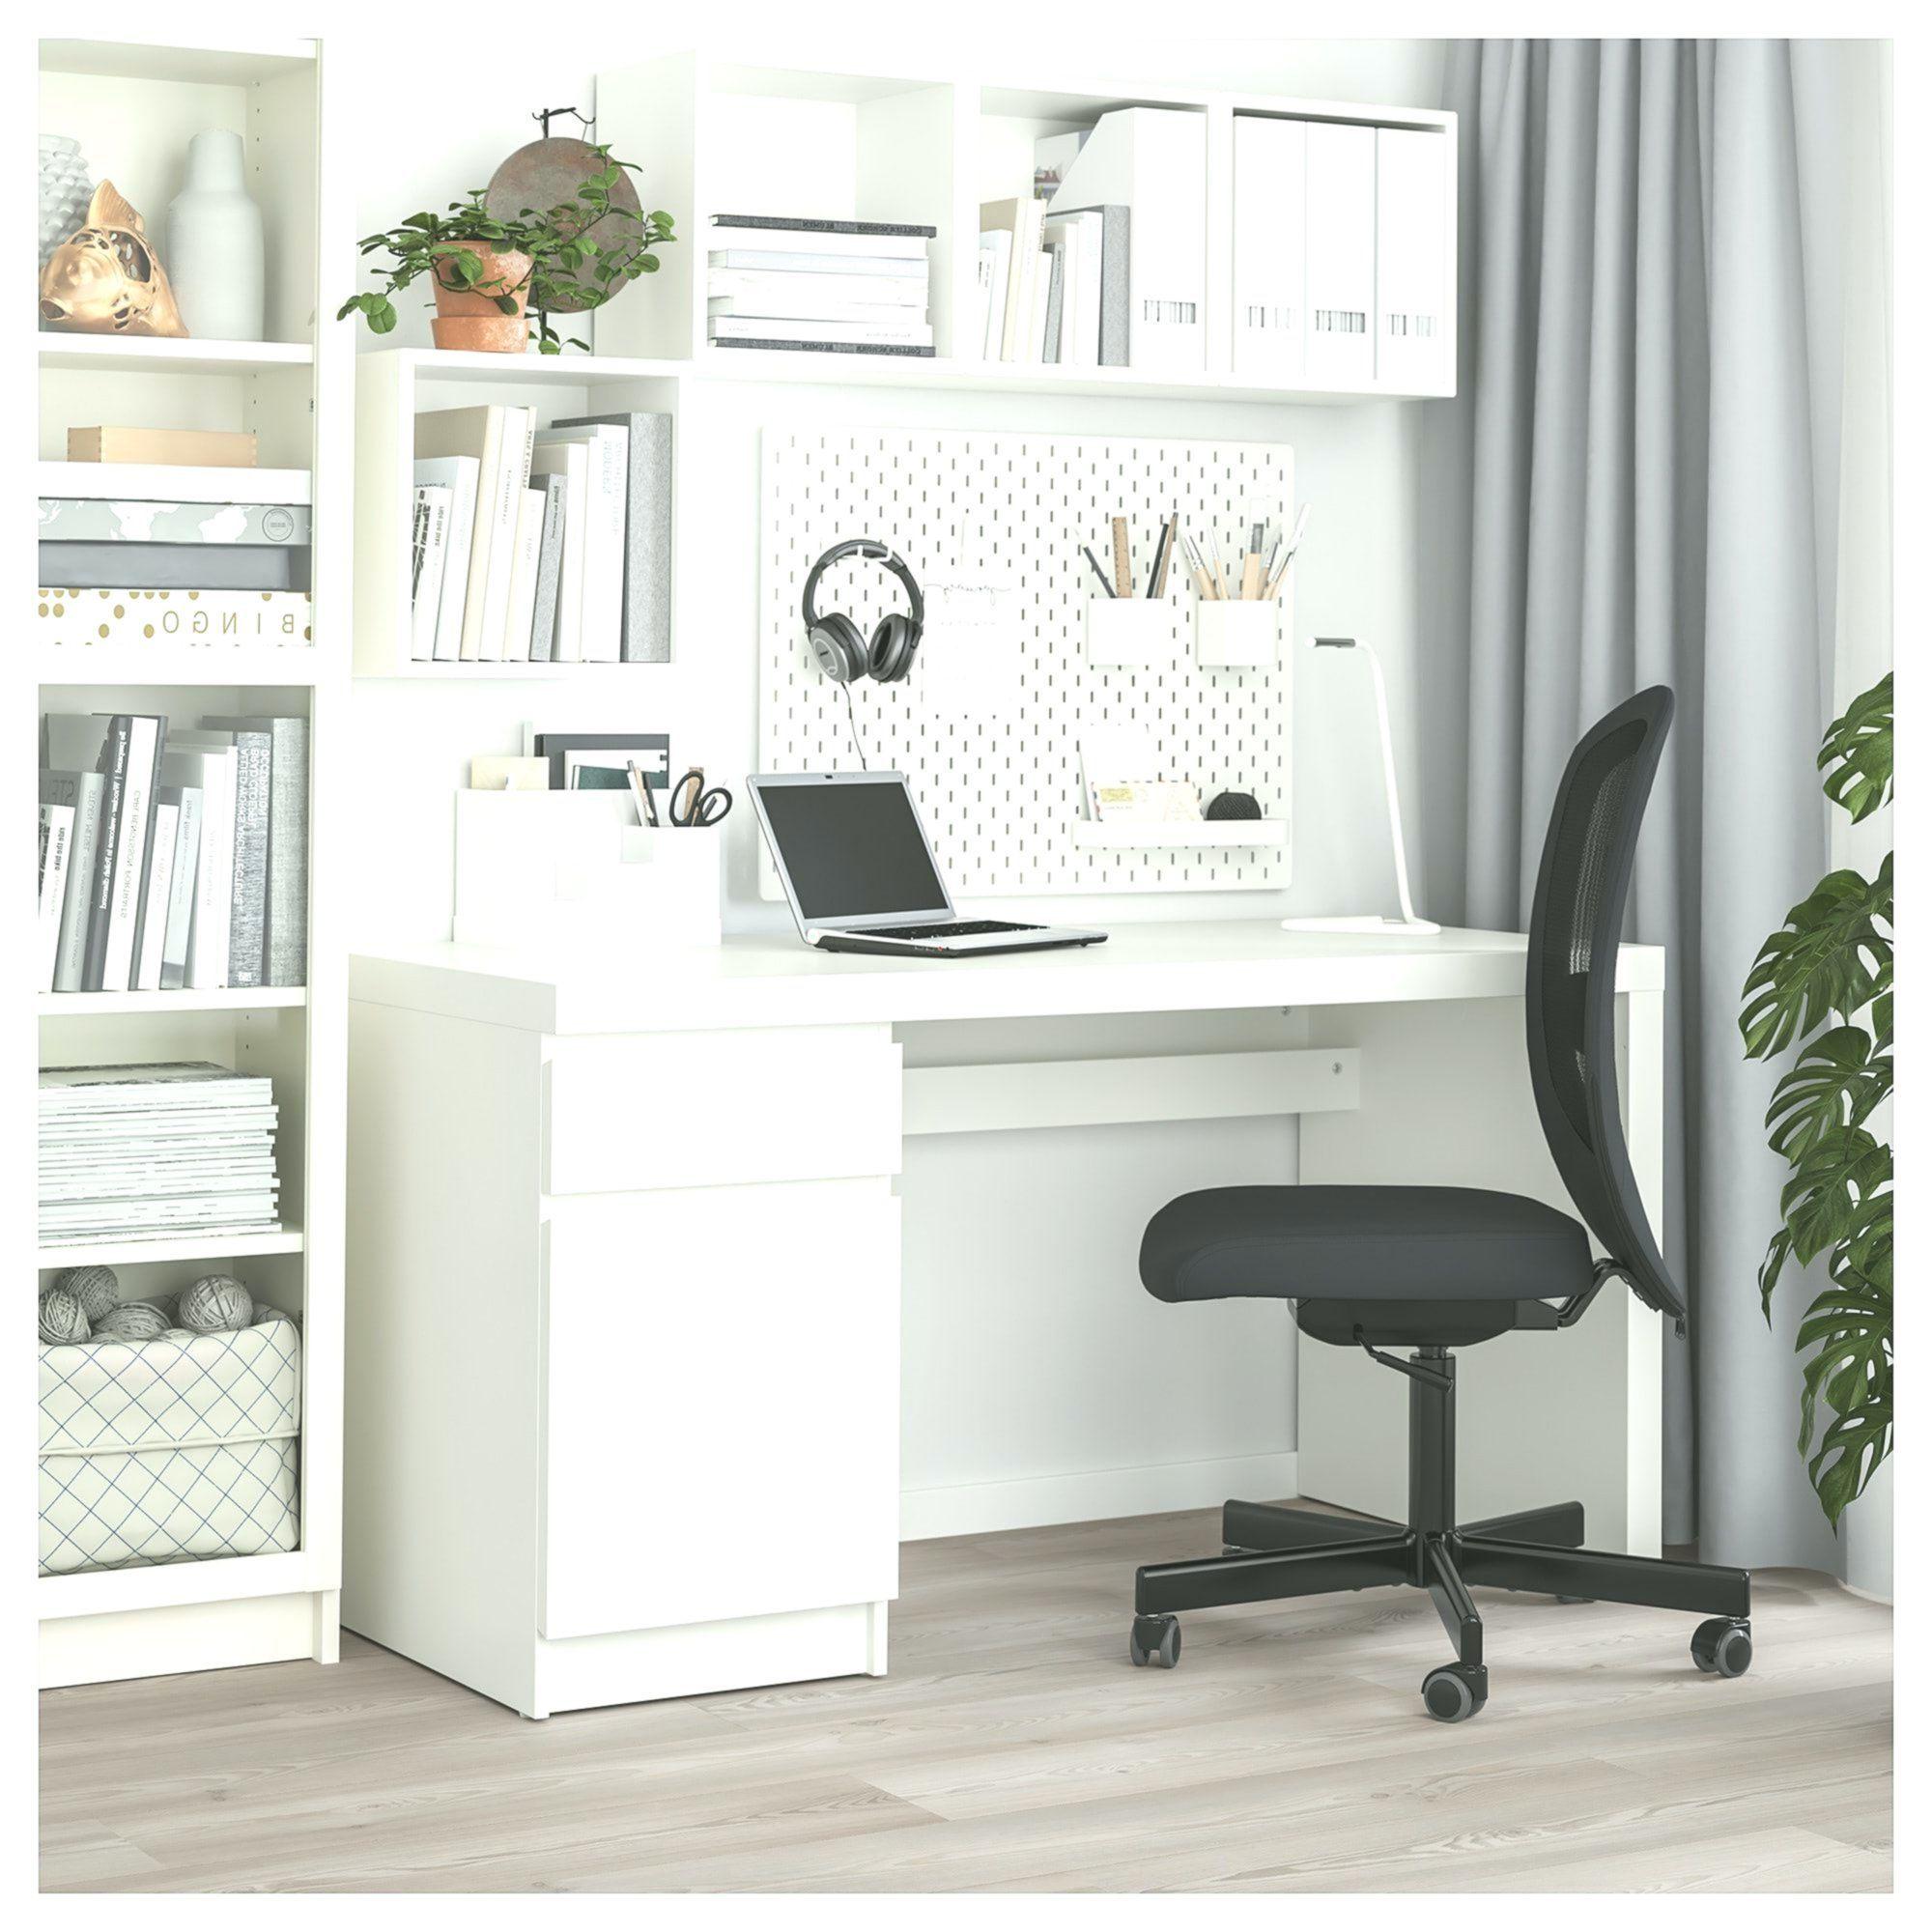 Ikea Schreibtisch Malm Weiß 2021